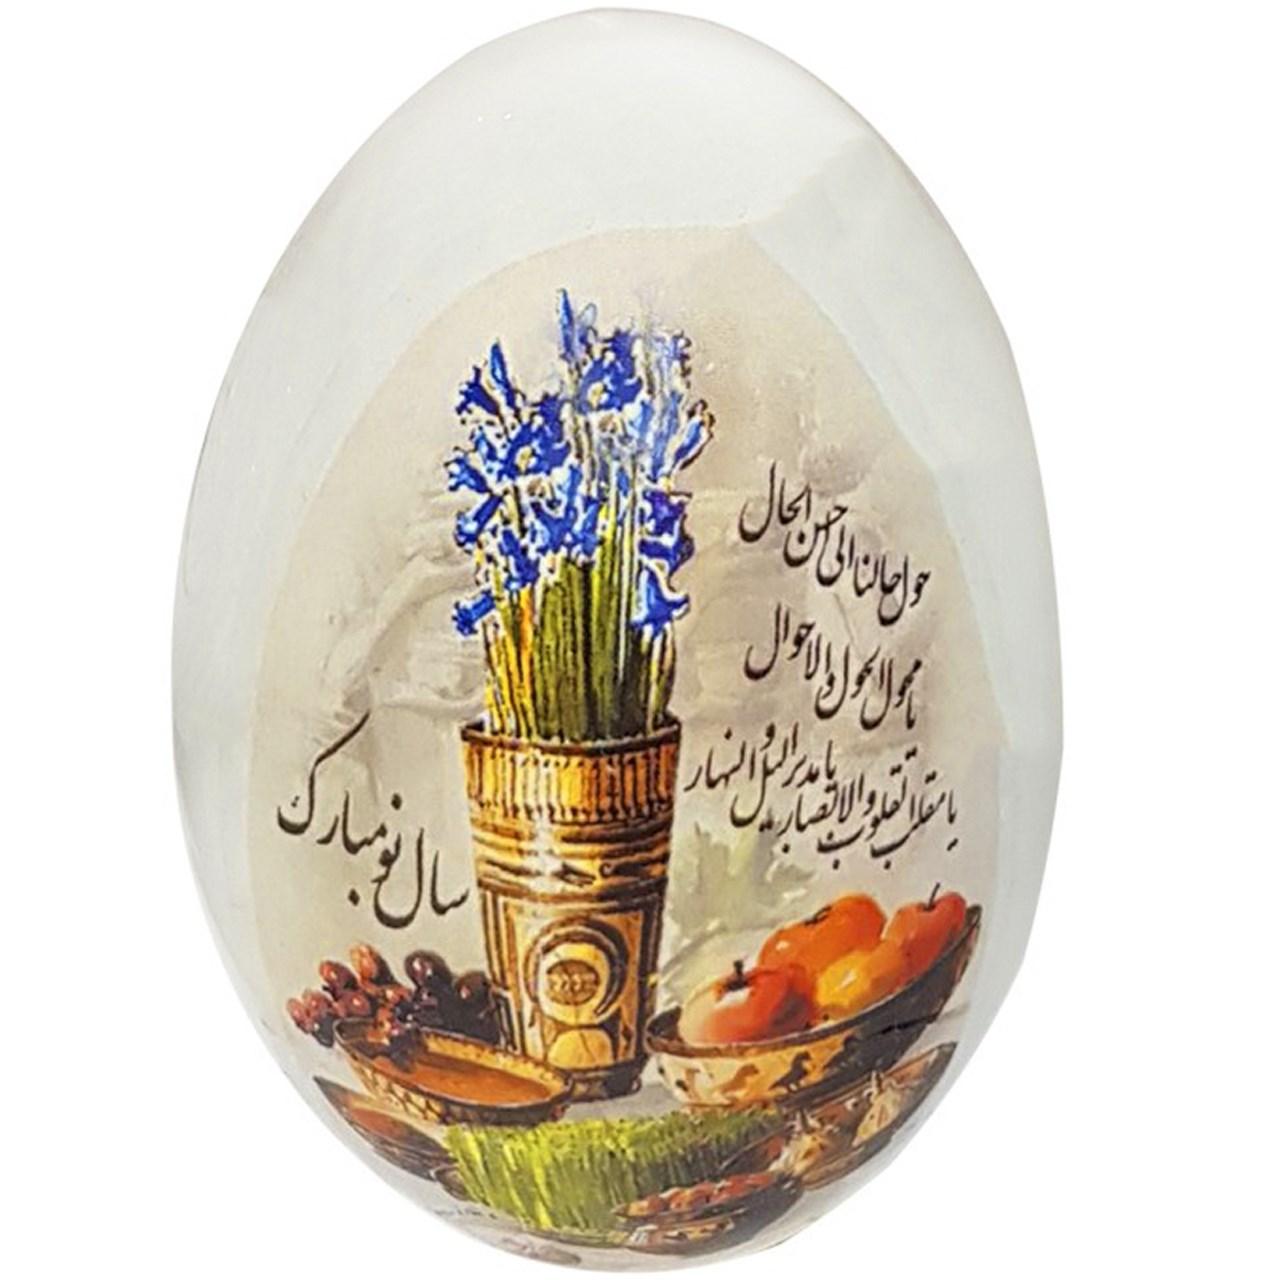 تخم مرغ تزیینی شیانچی طرح هفت سین کد 09140062